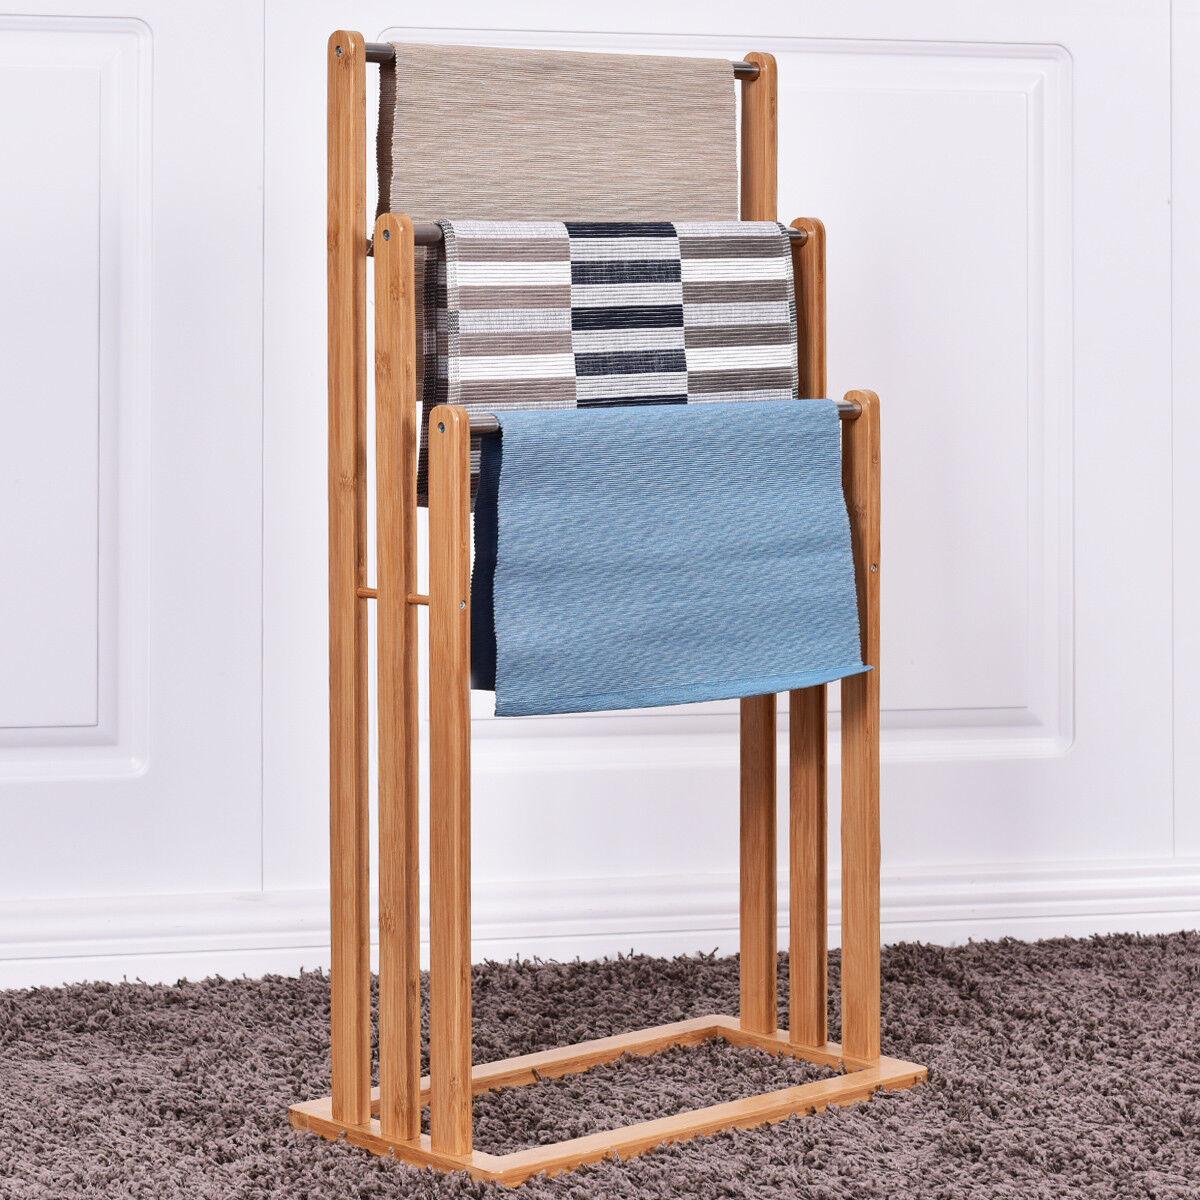 Handtuchhalter Stehend Test Vergleich Handtuchhalter